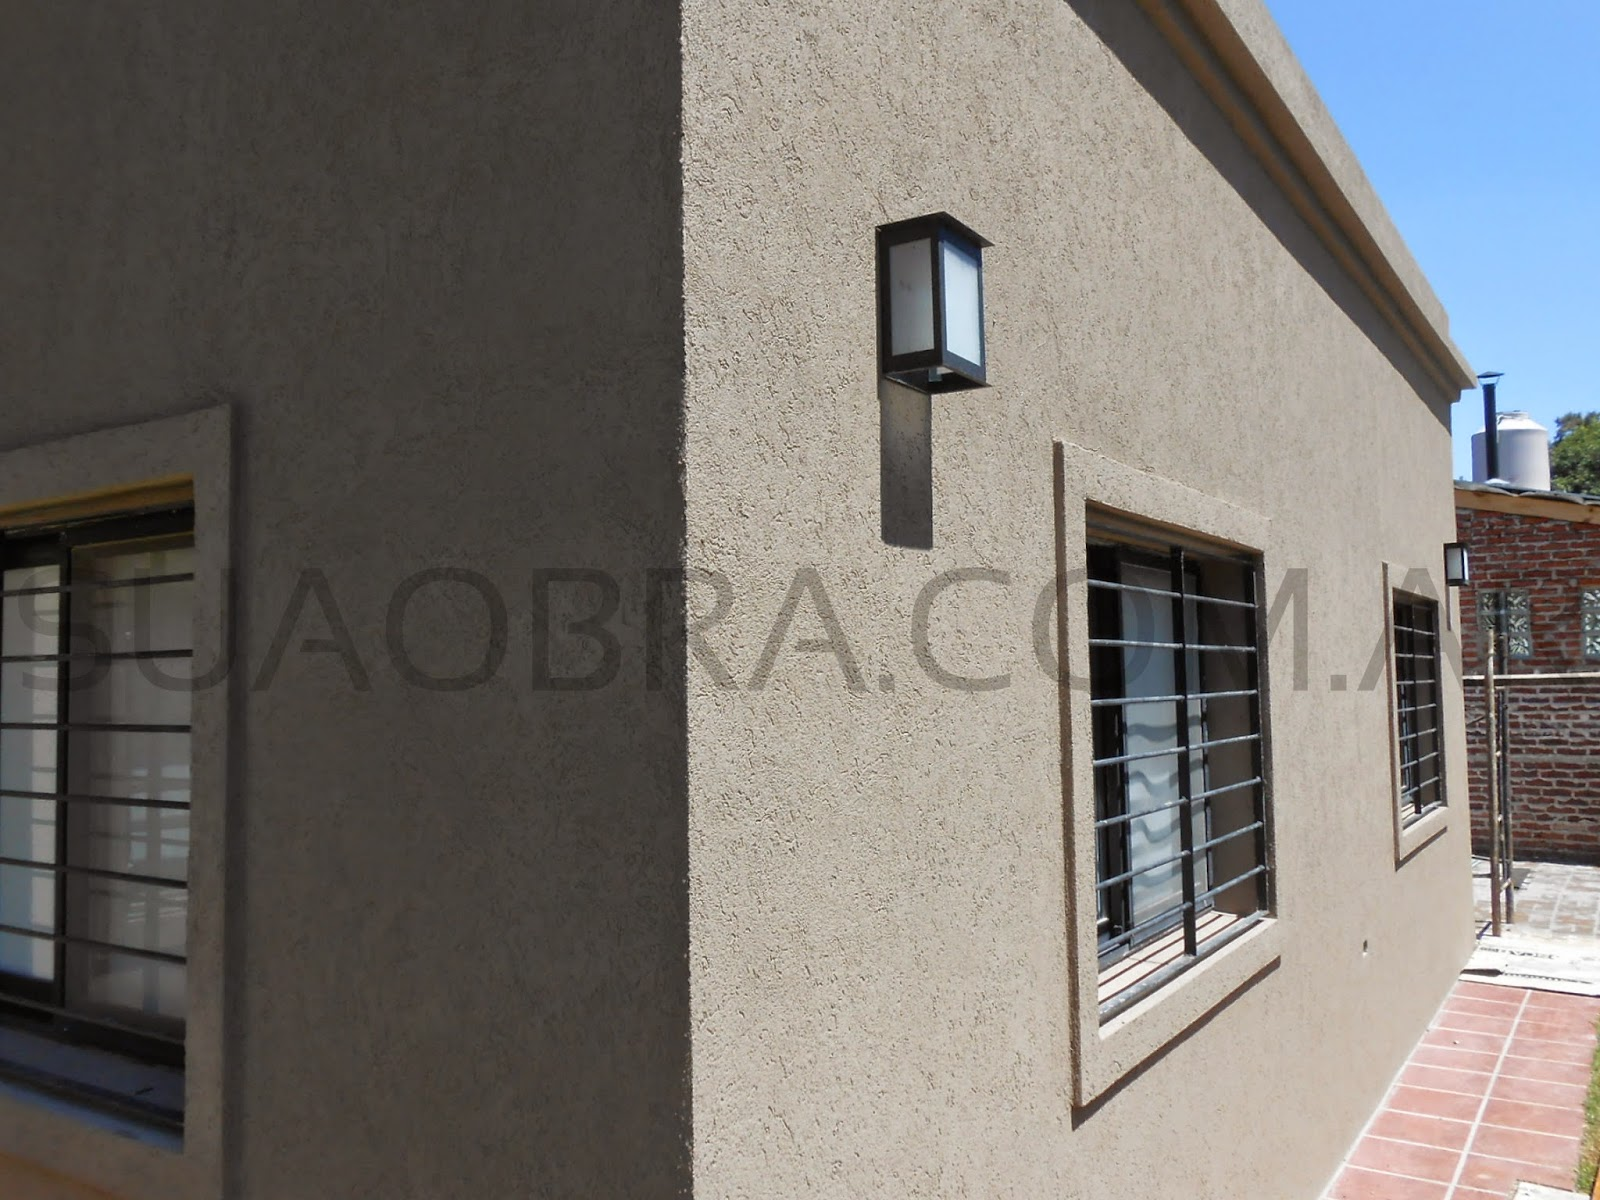 Aplicacion de revestimiento plastico para paredes - Revestimiento paredes exterior ...